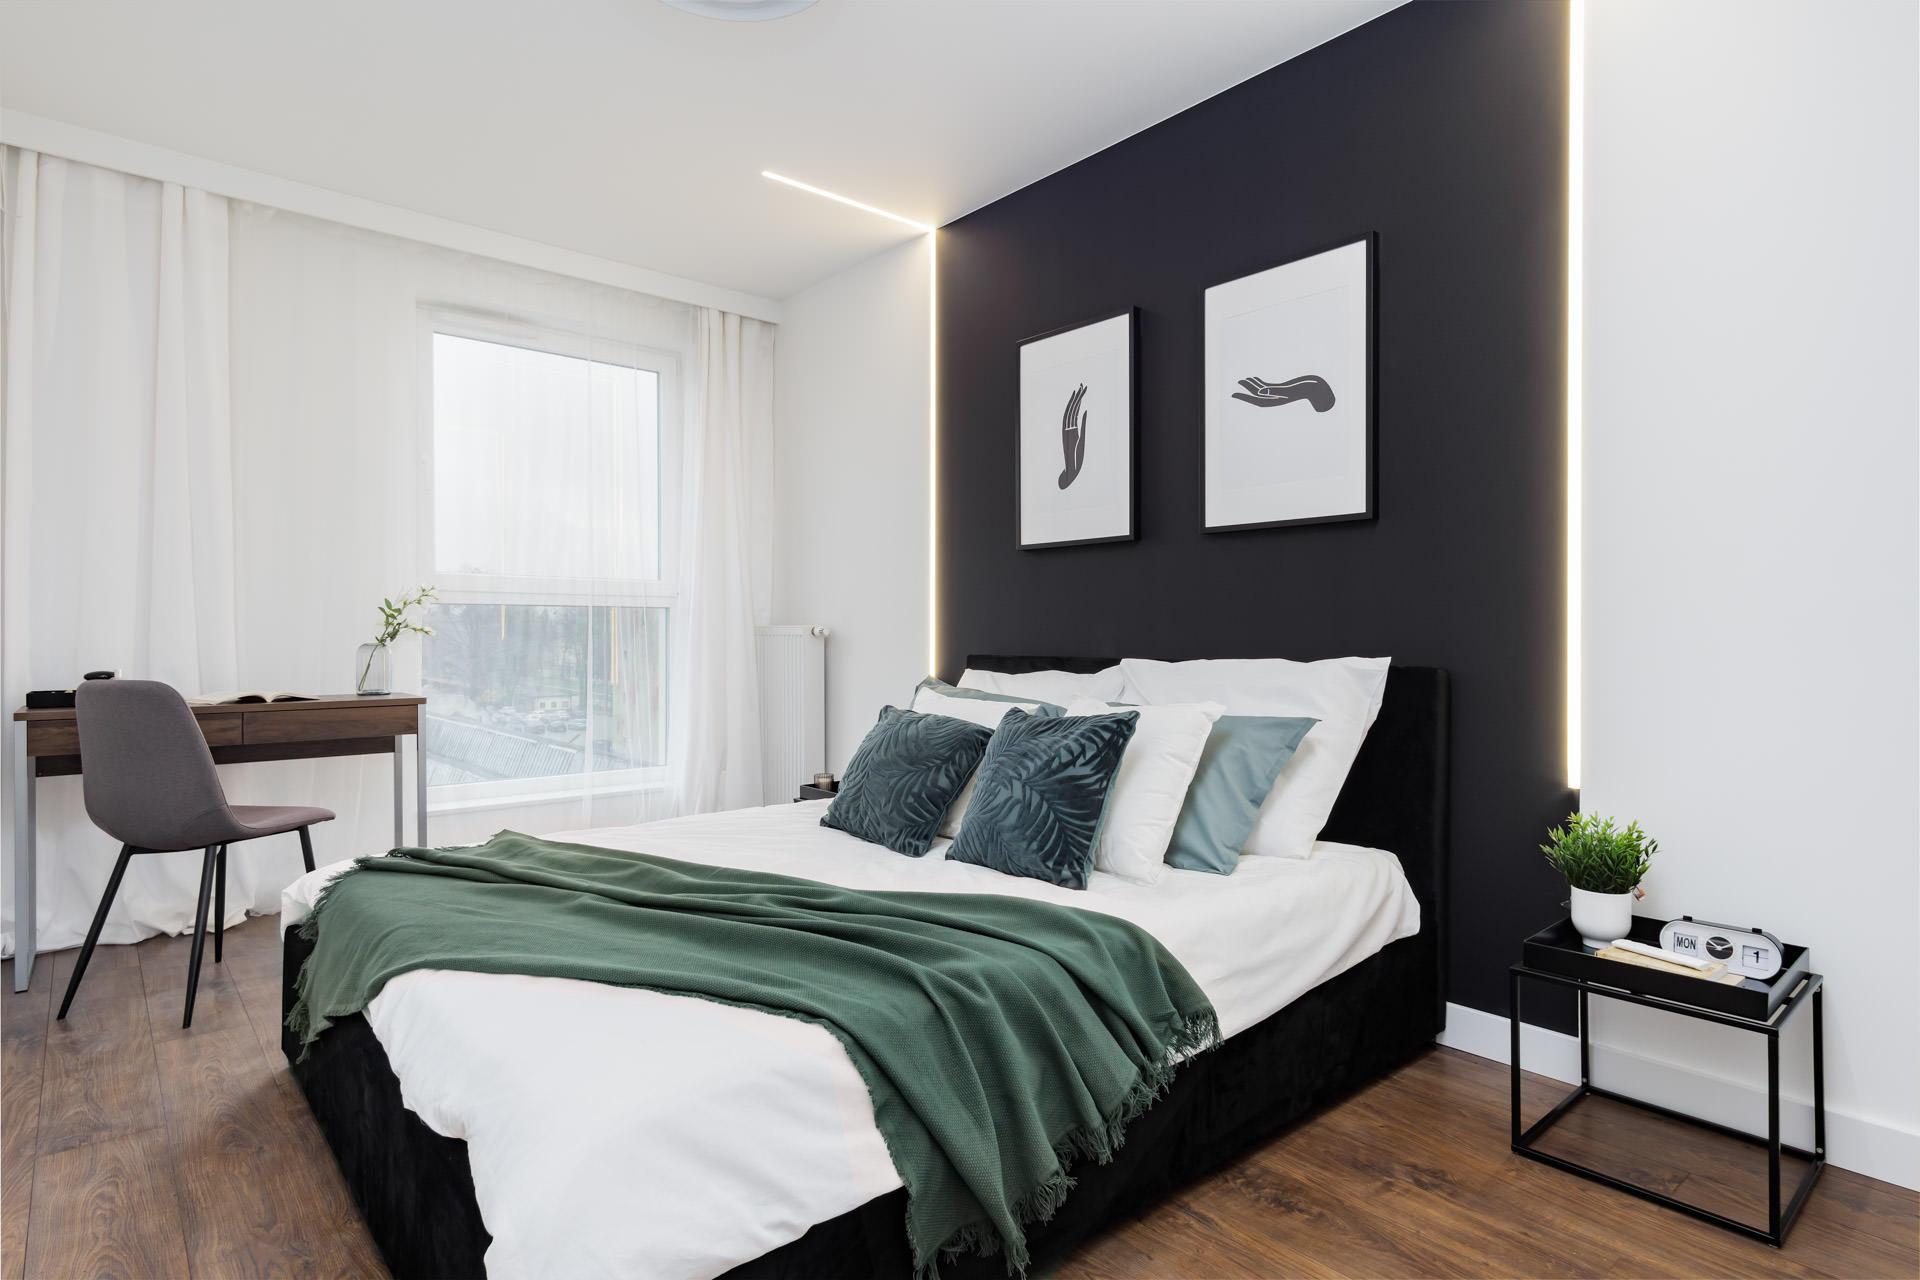 Nowoczesna sypialnia z czarną ścianą